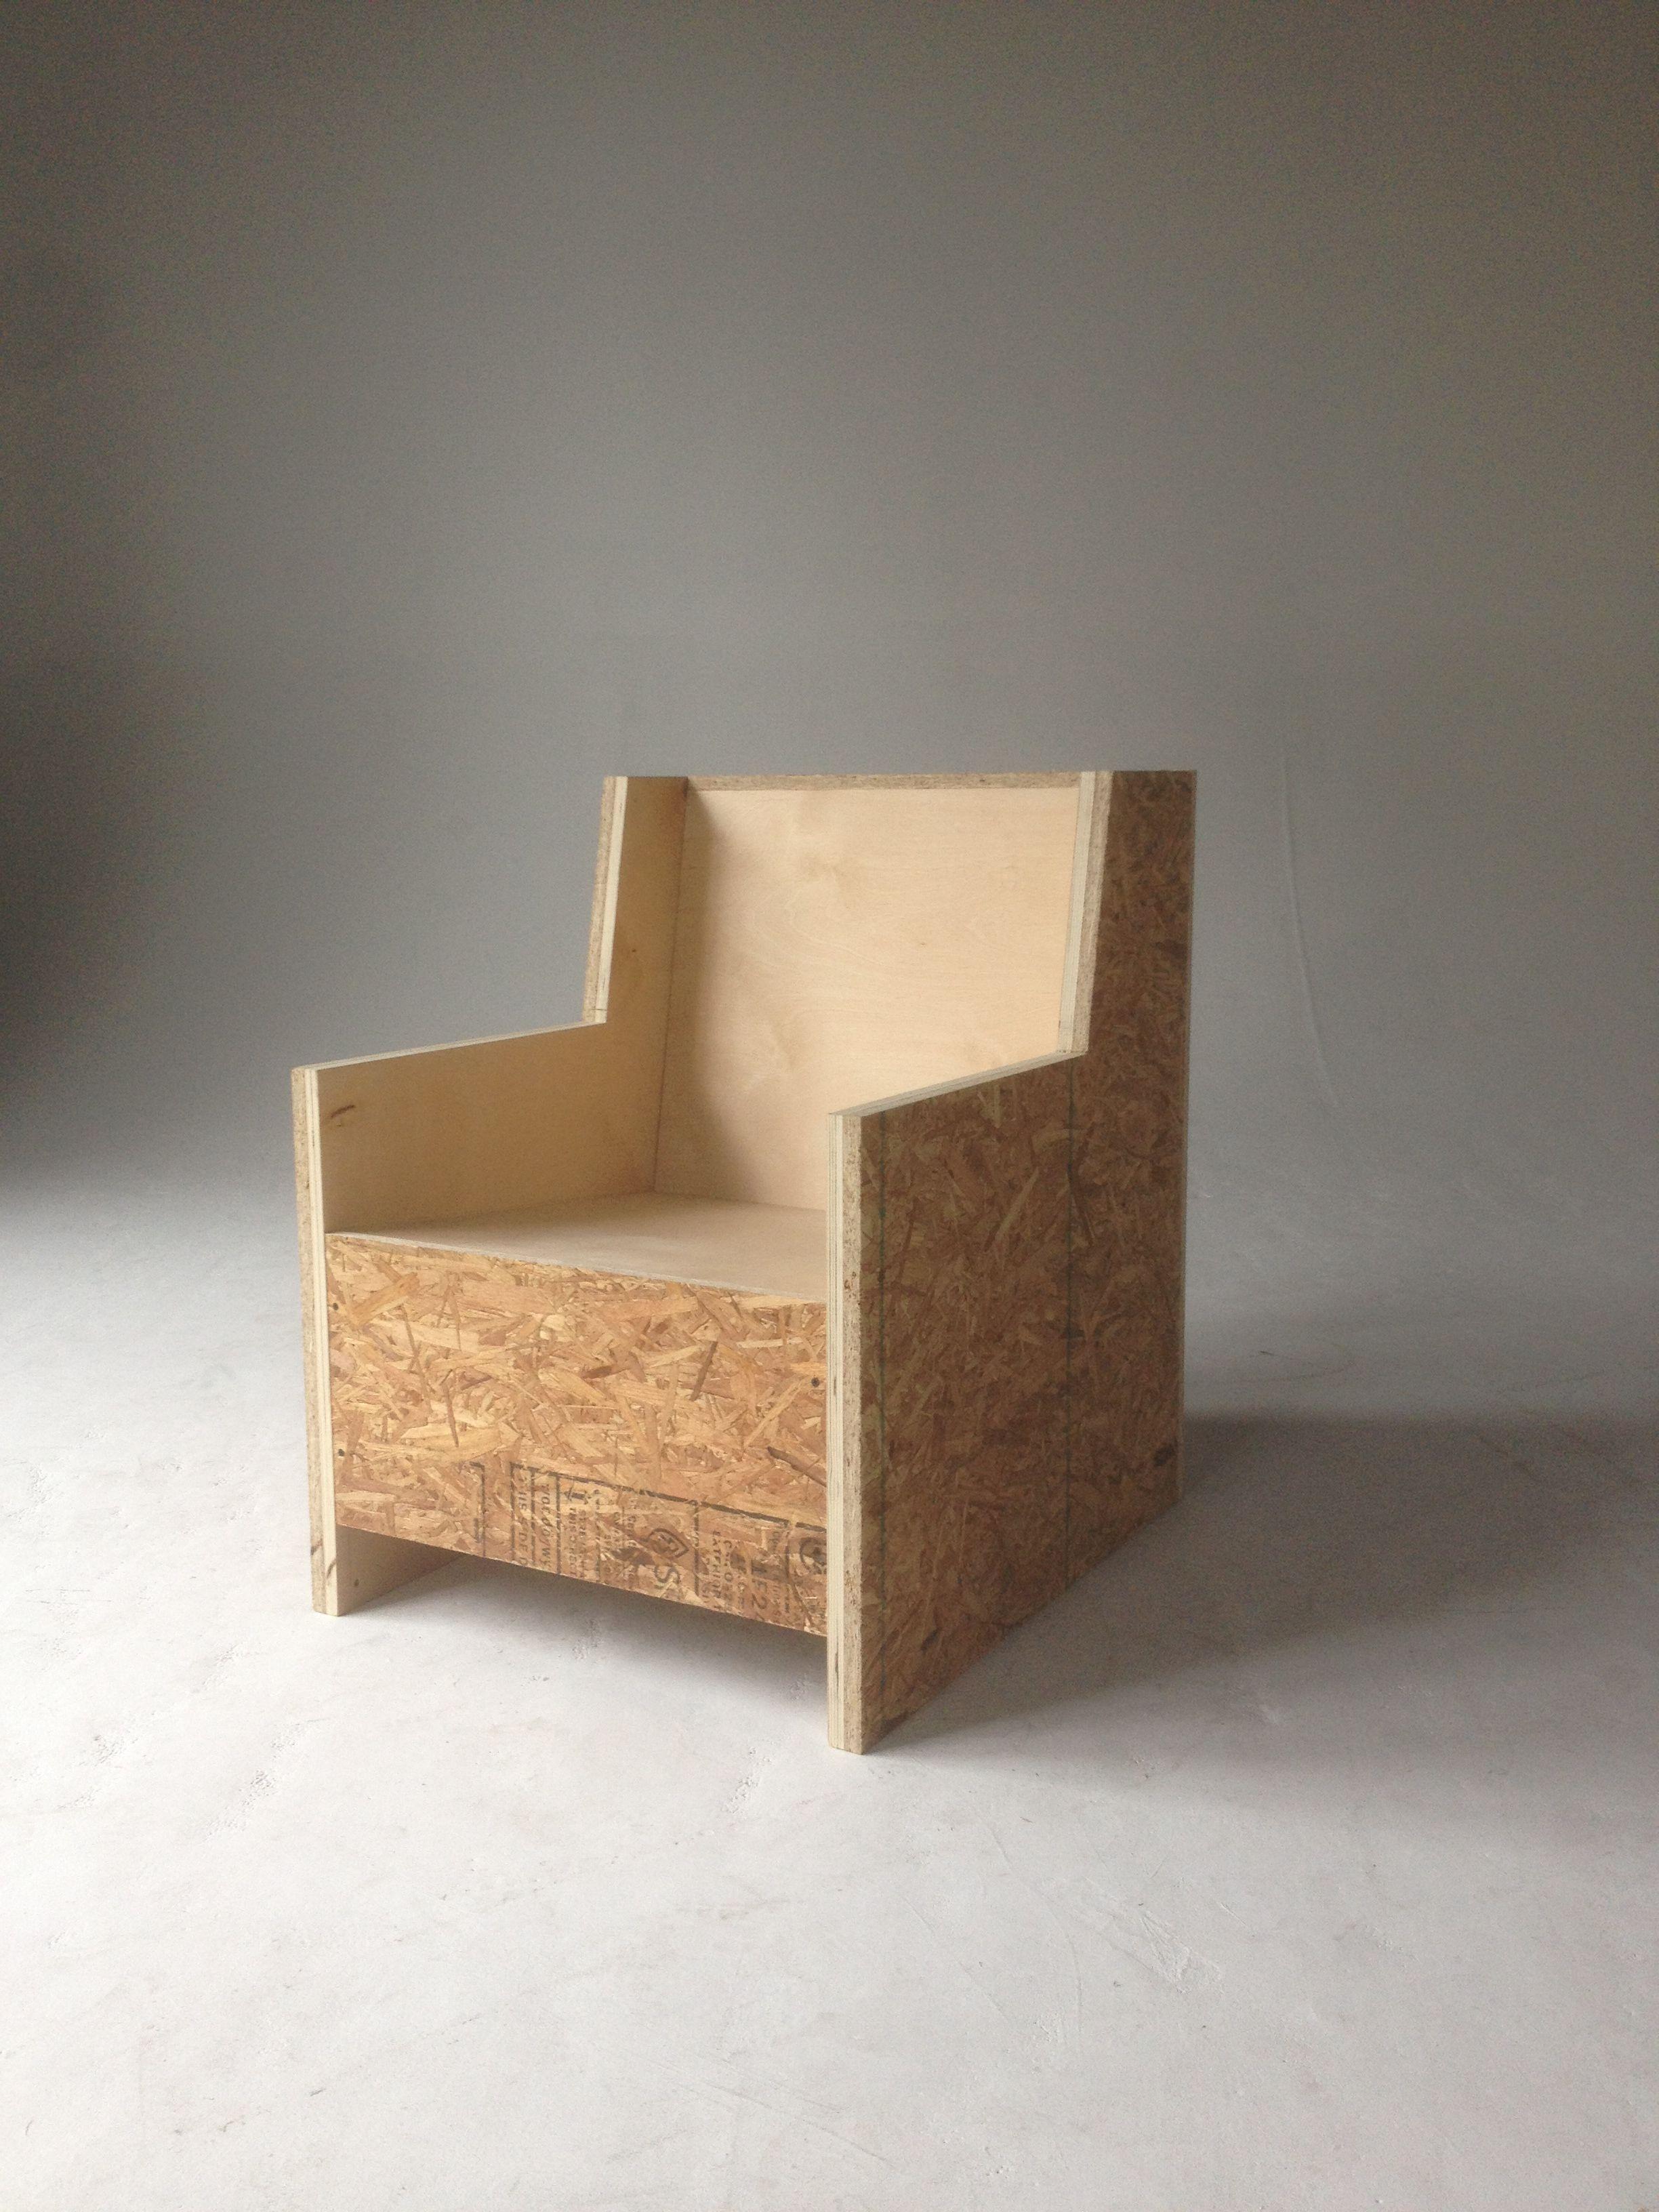 Osb Plywood Club Chair Designed By Steffen Ringelmann